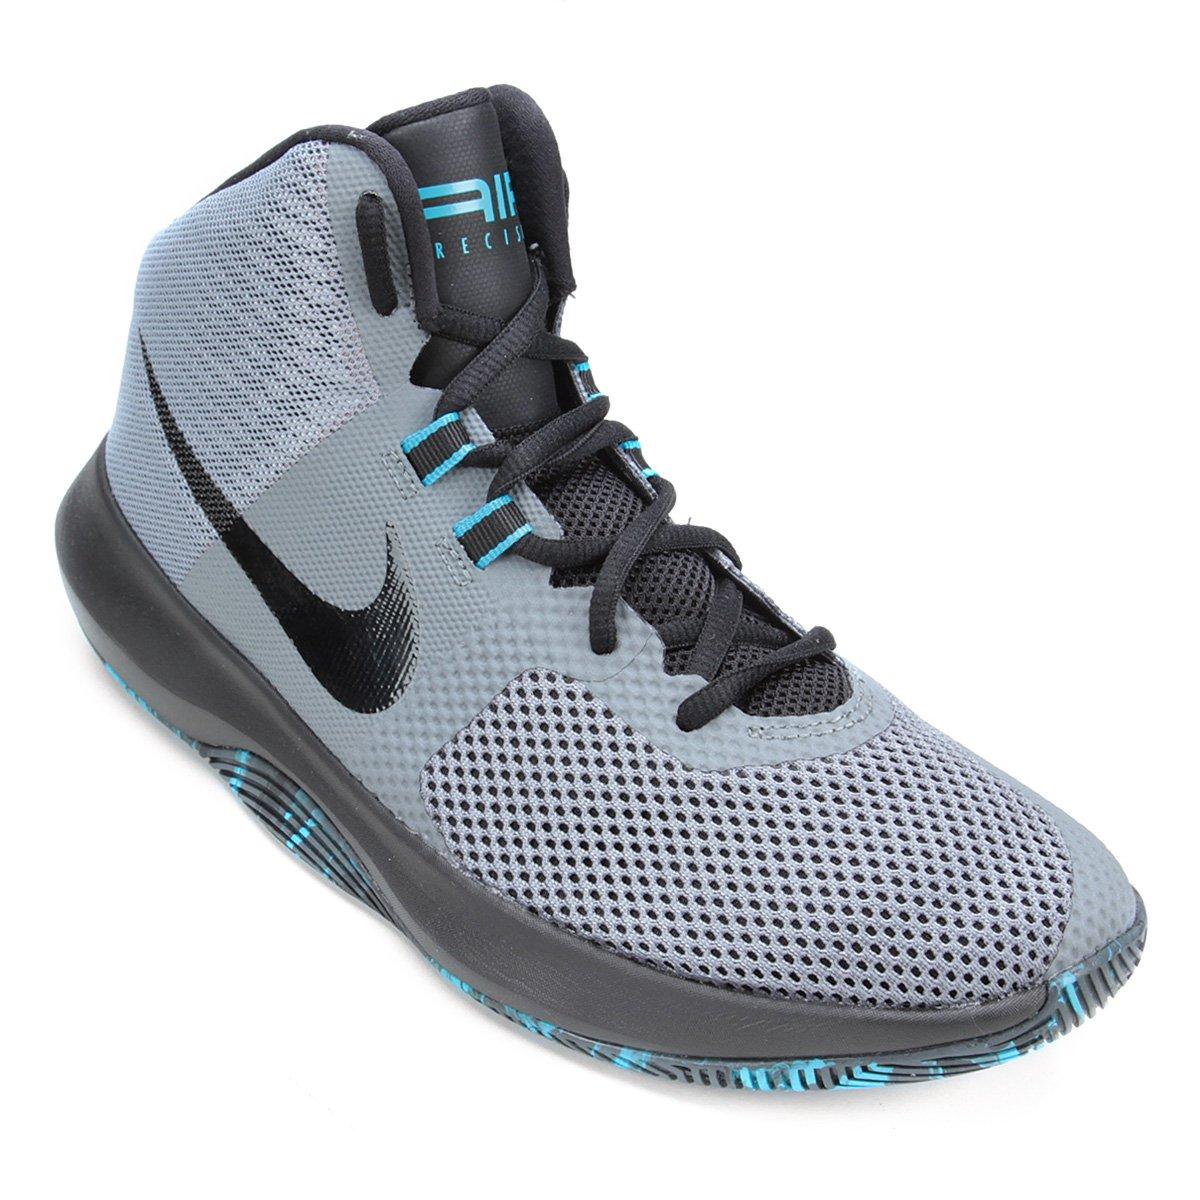 pómulo Depresión proteger  Tênis Cano Alto Nike Air Precision Masculino - Cinza e Azul | Loja NBA